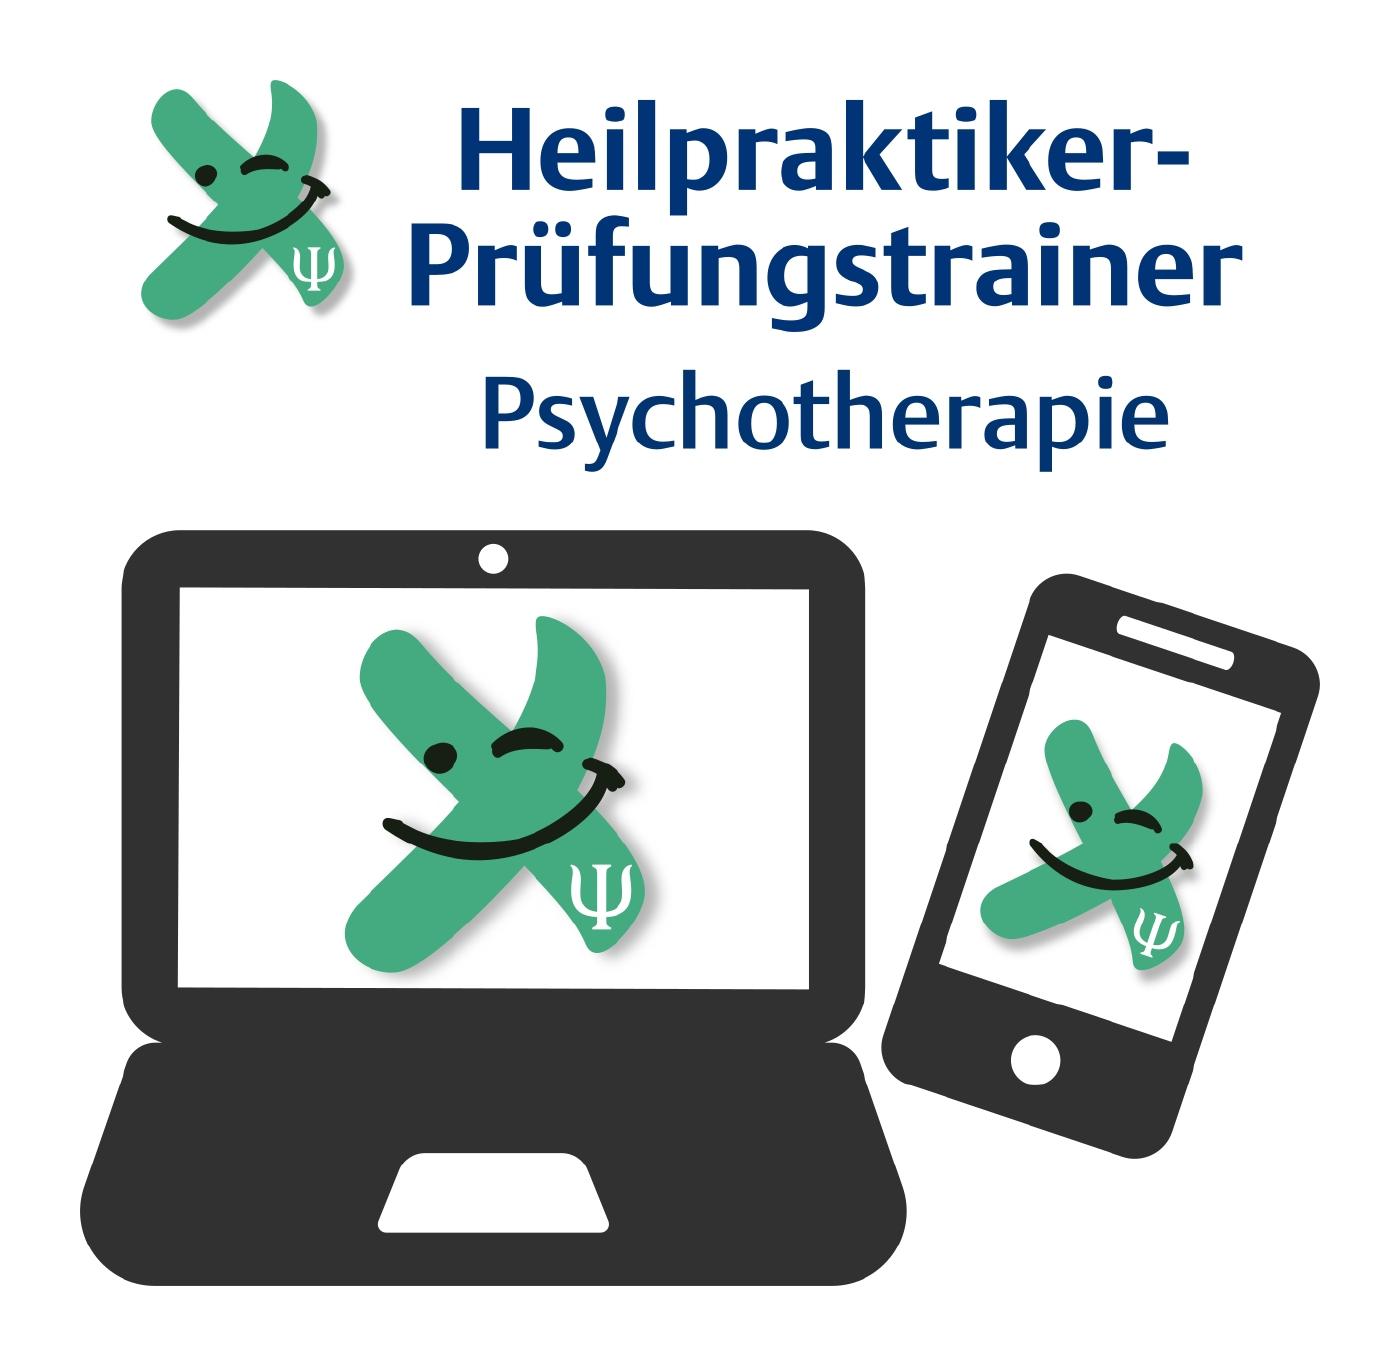 Heilpraktiker Prüfungstrainer Psychotherapie 3 Monate